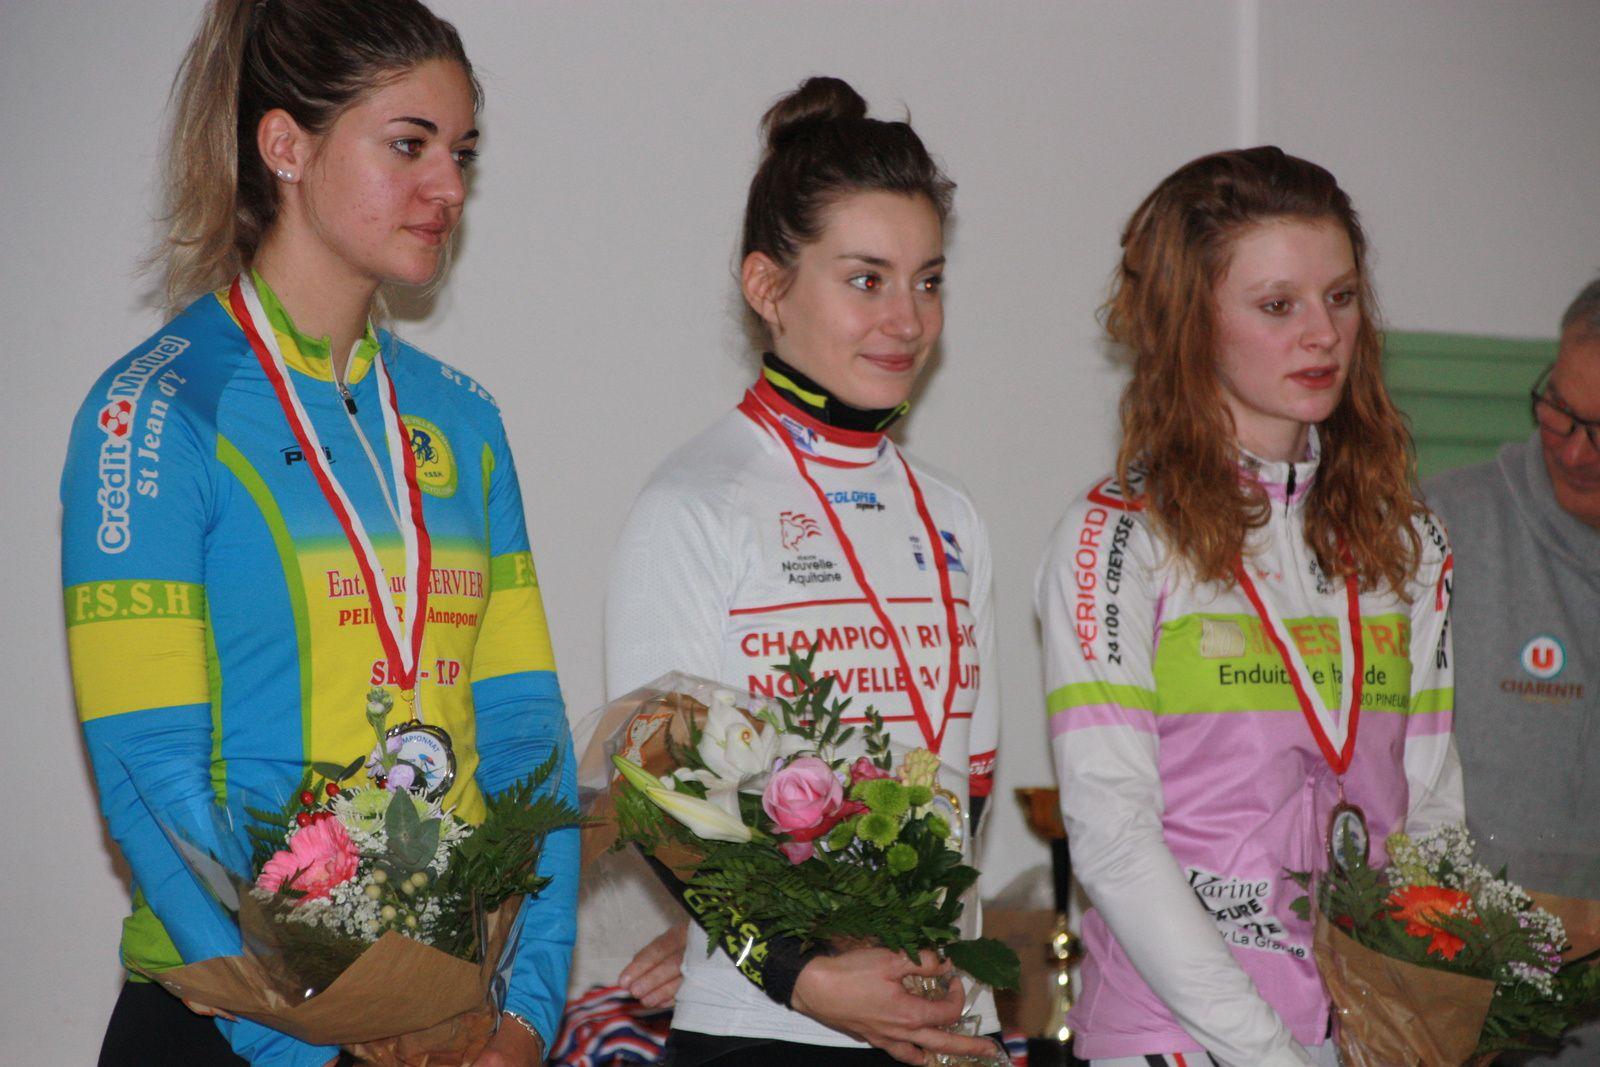 Le  podium  avec Audrey  MENUT et son  maillot de championne régionale